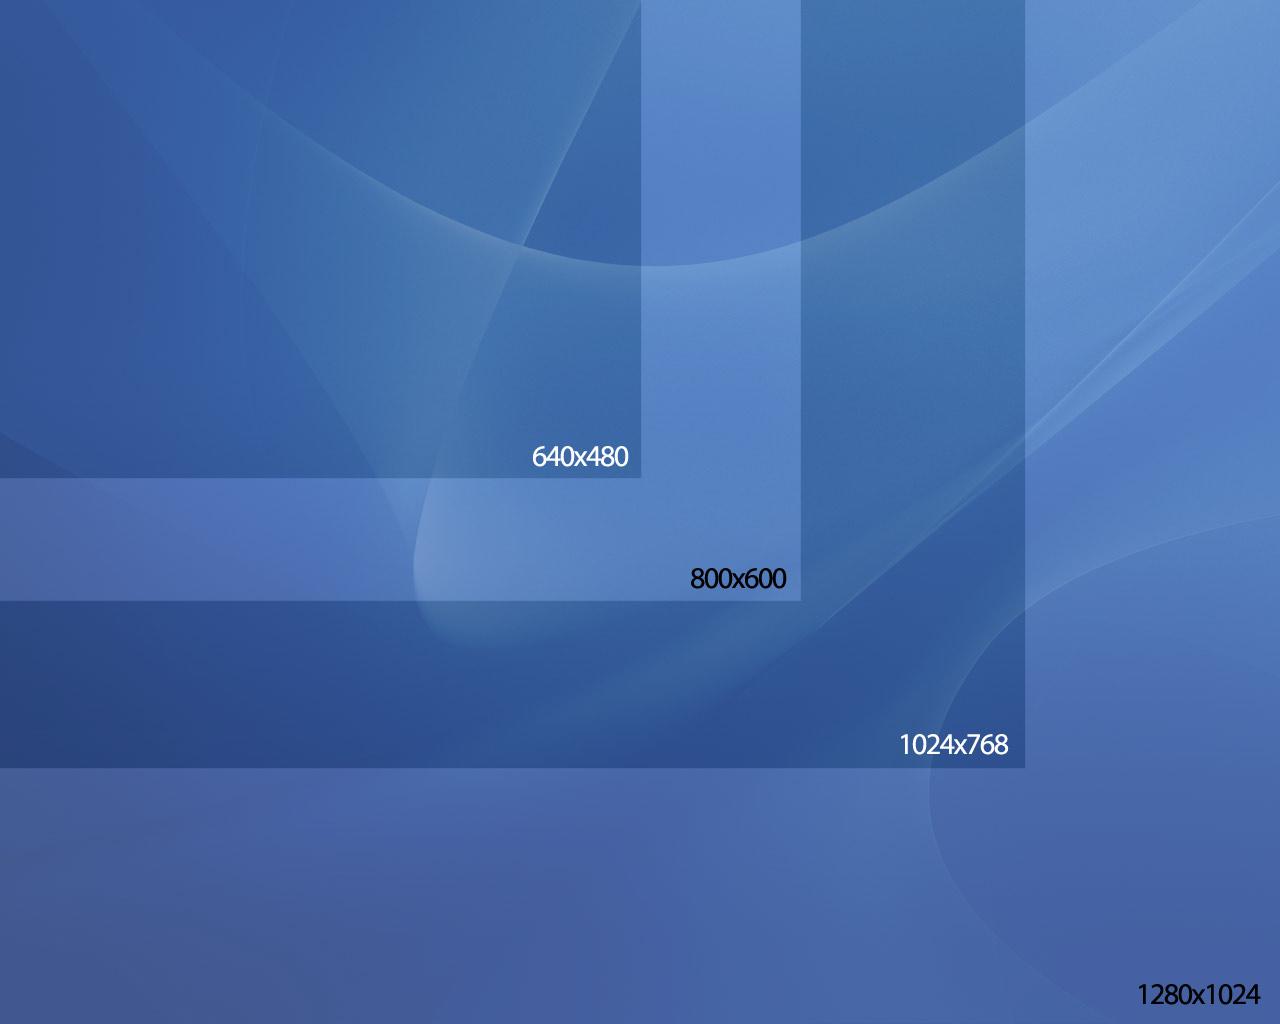 Desktop Background Image Size